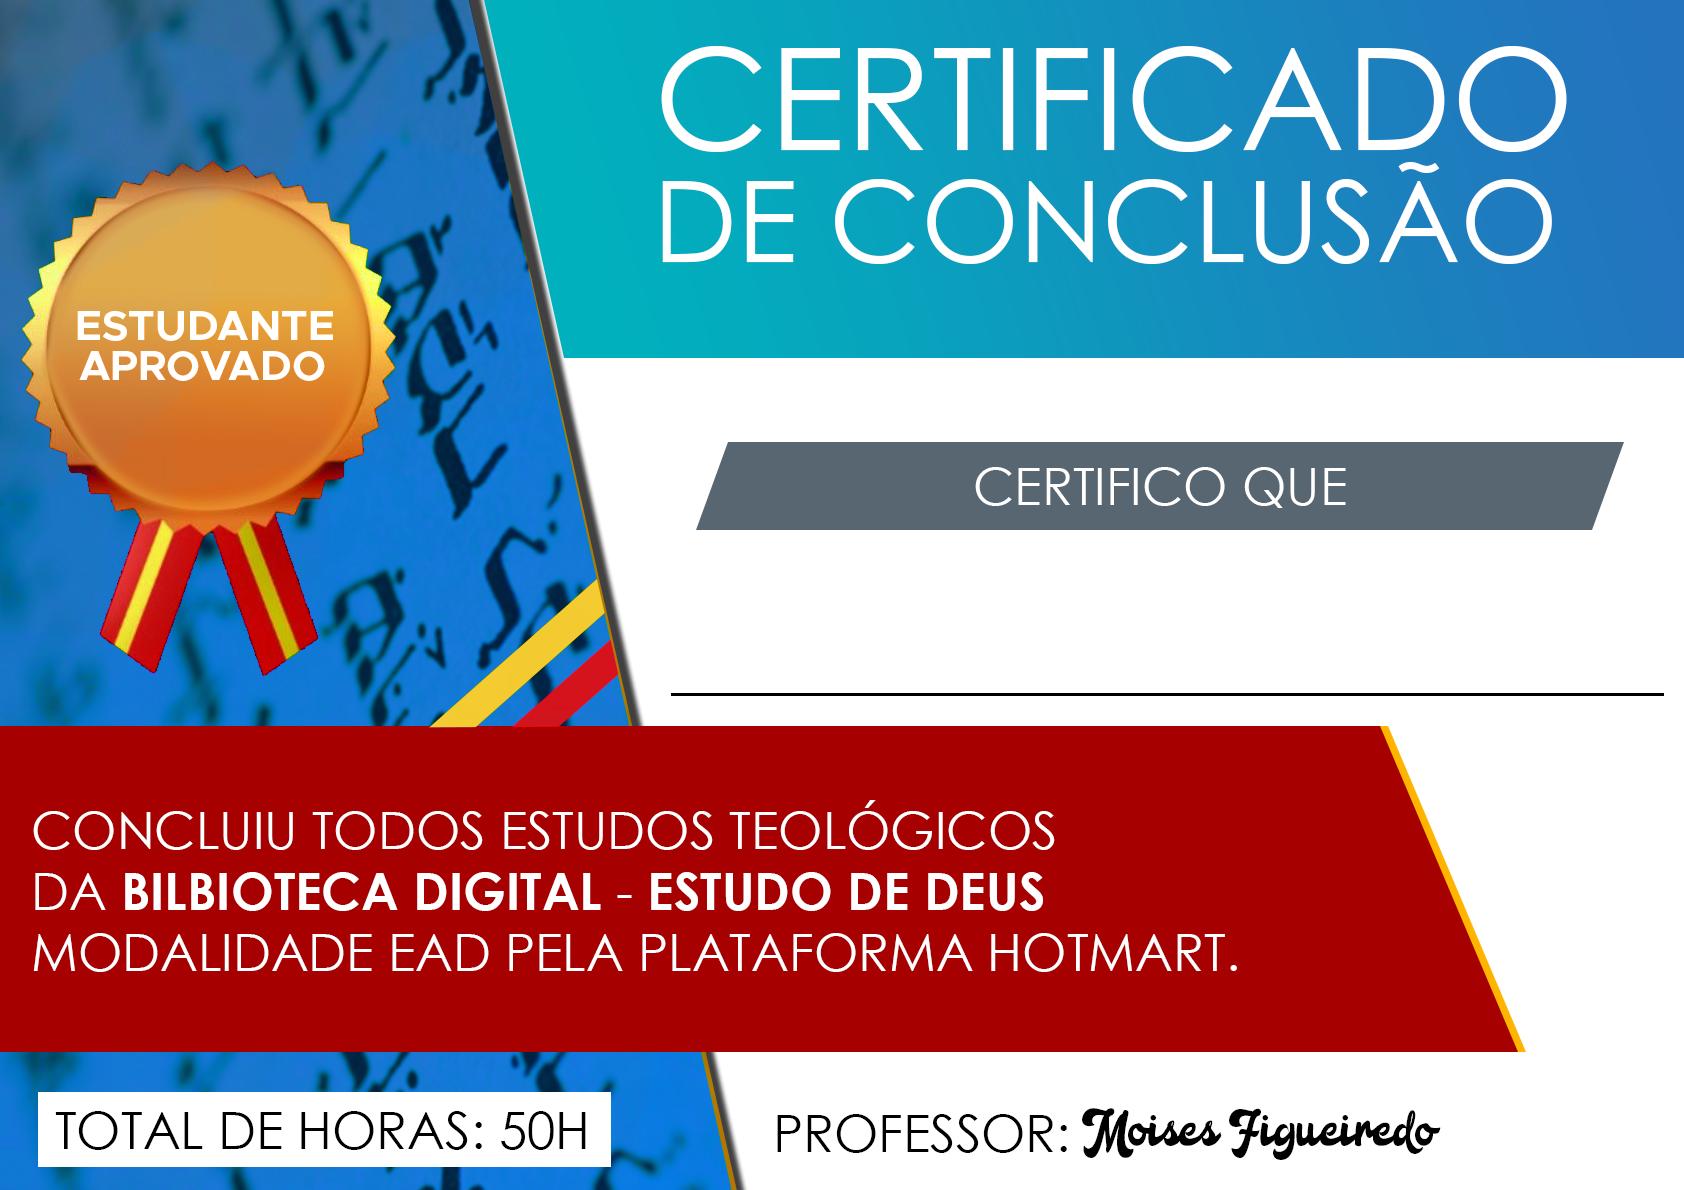 Certificado da biblioteca Estudo de Deus